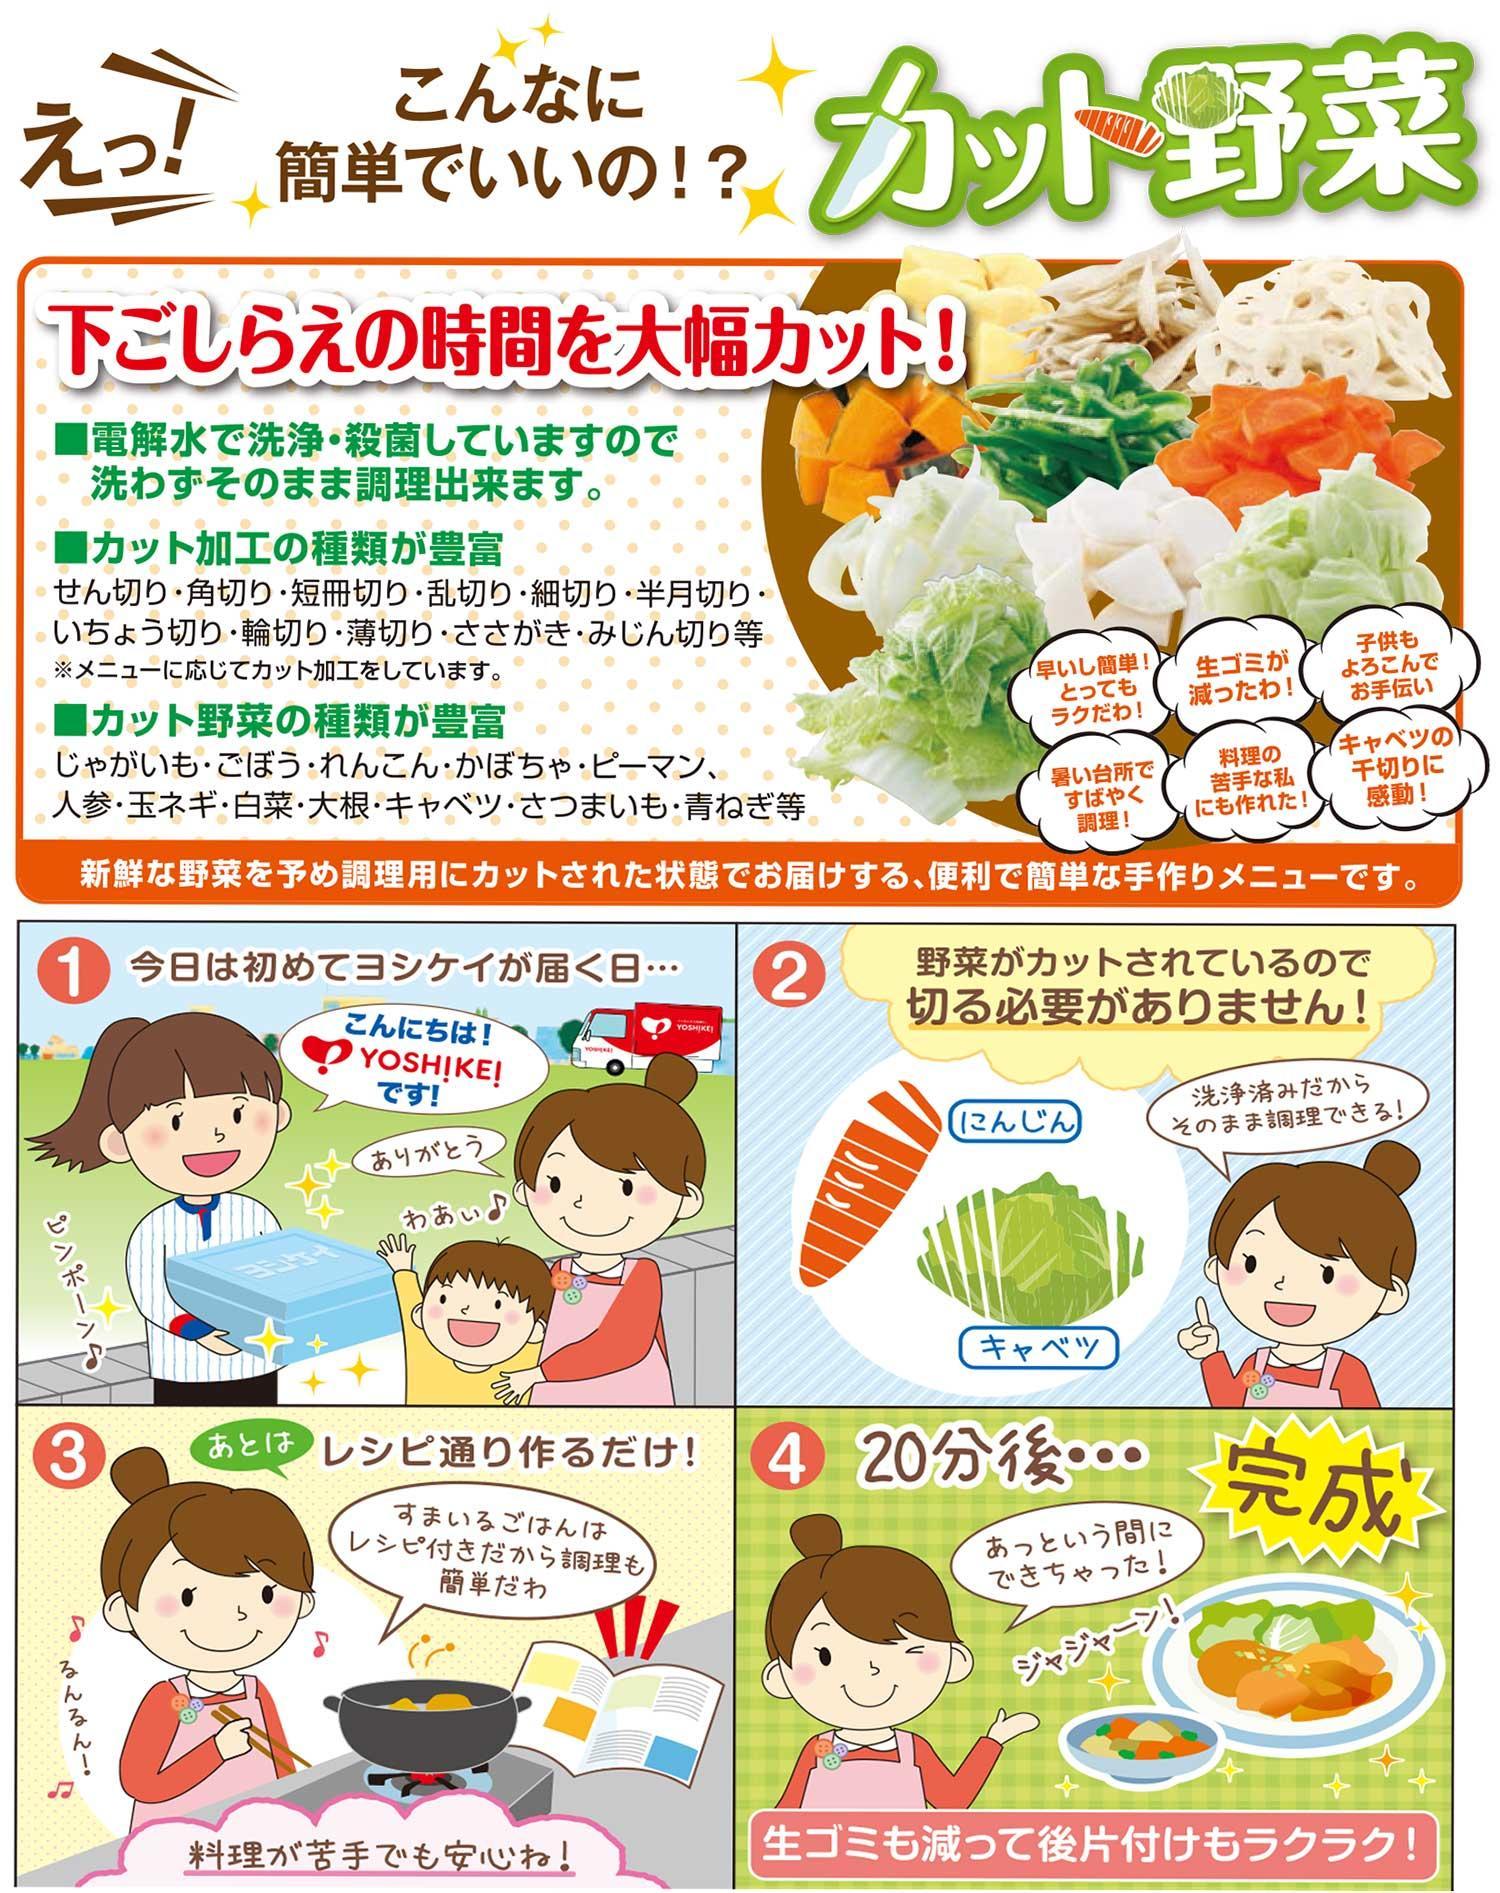 カット野菜0428.jpg